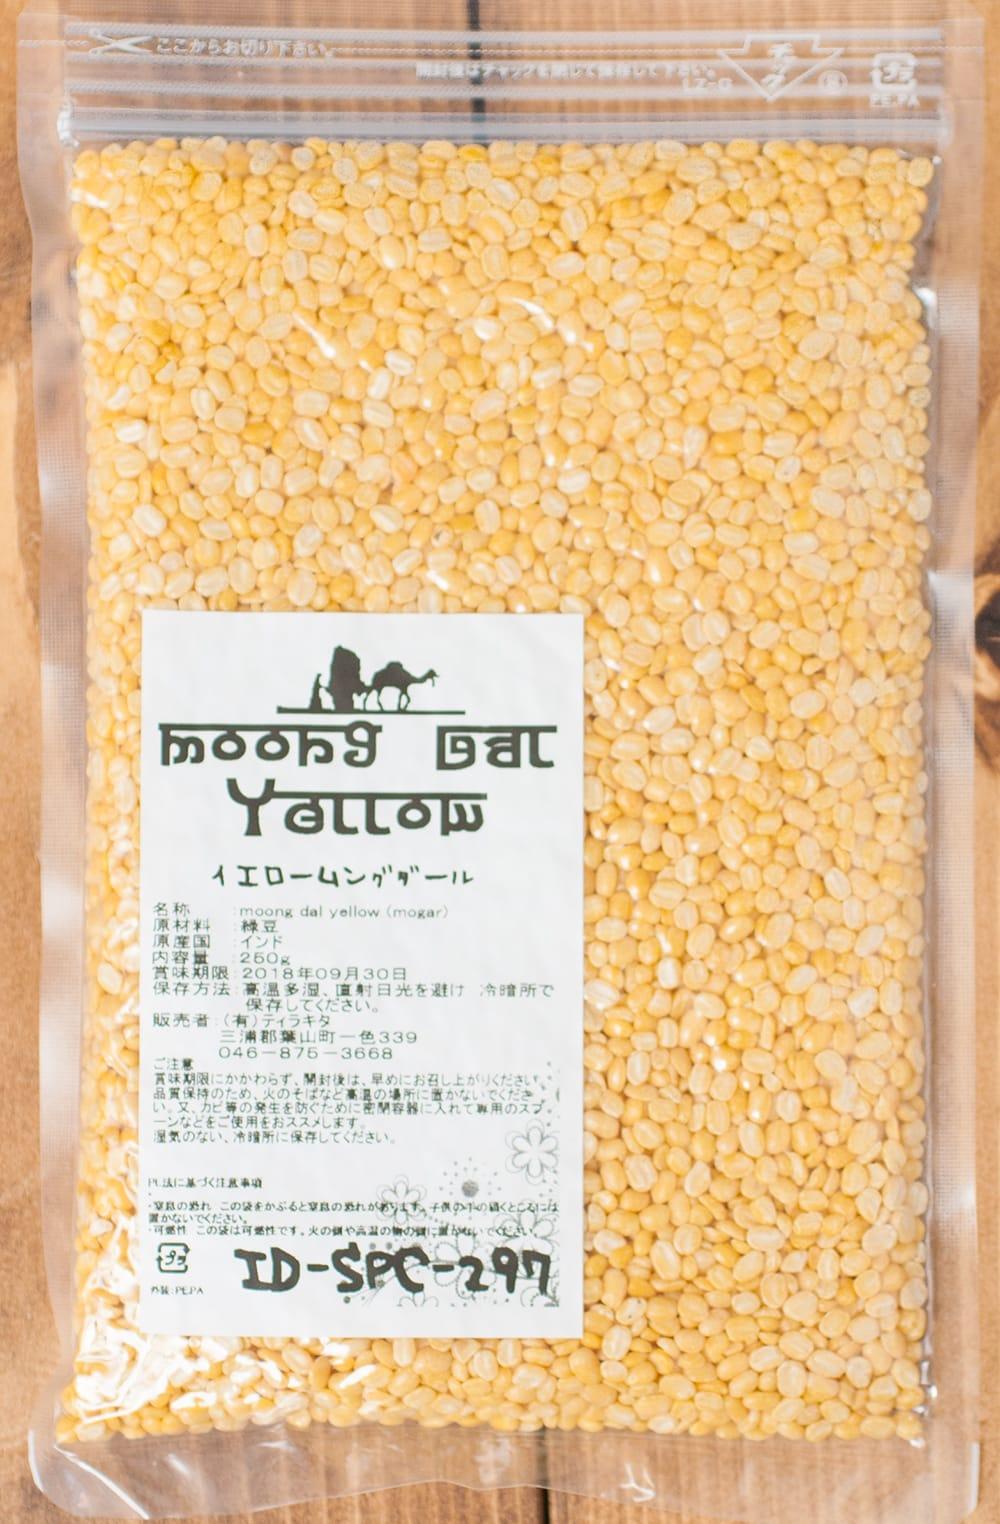 イエロームングダール Moong Dal Yellow (Mogar)【250gパック】 3 - パッケージは、ジッパー付きで保存に便利。